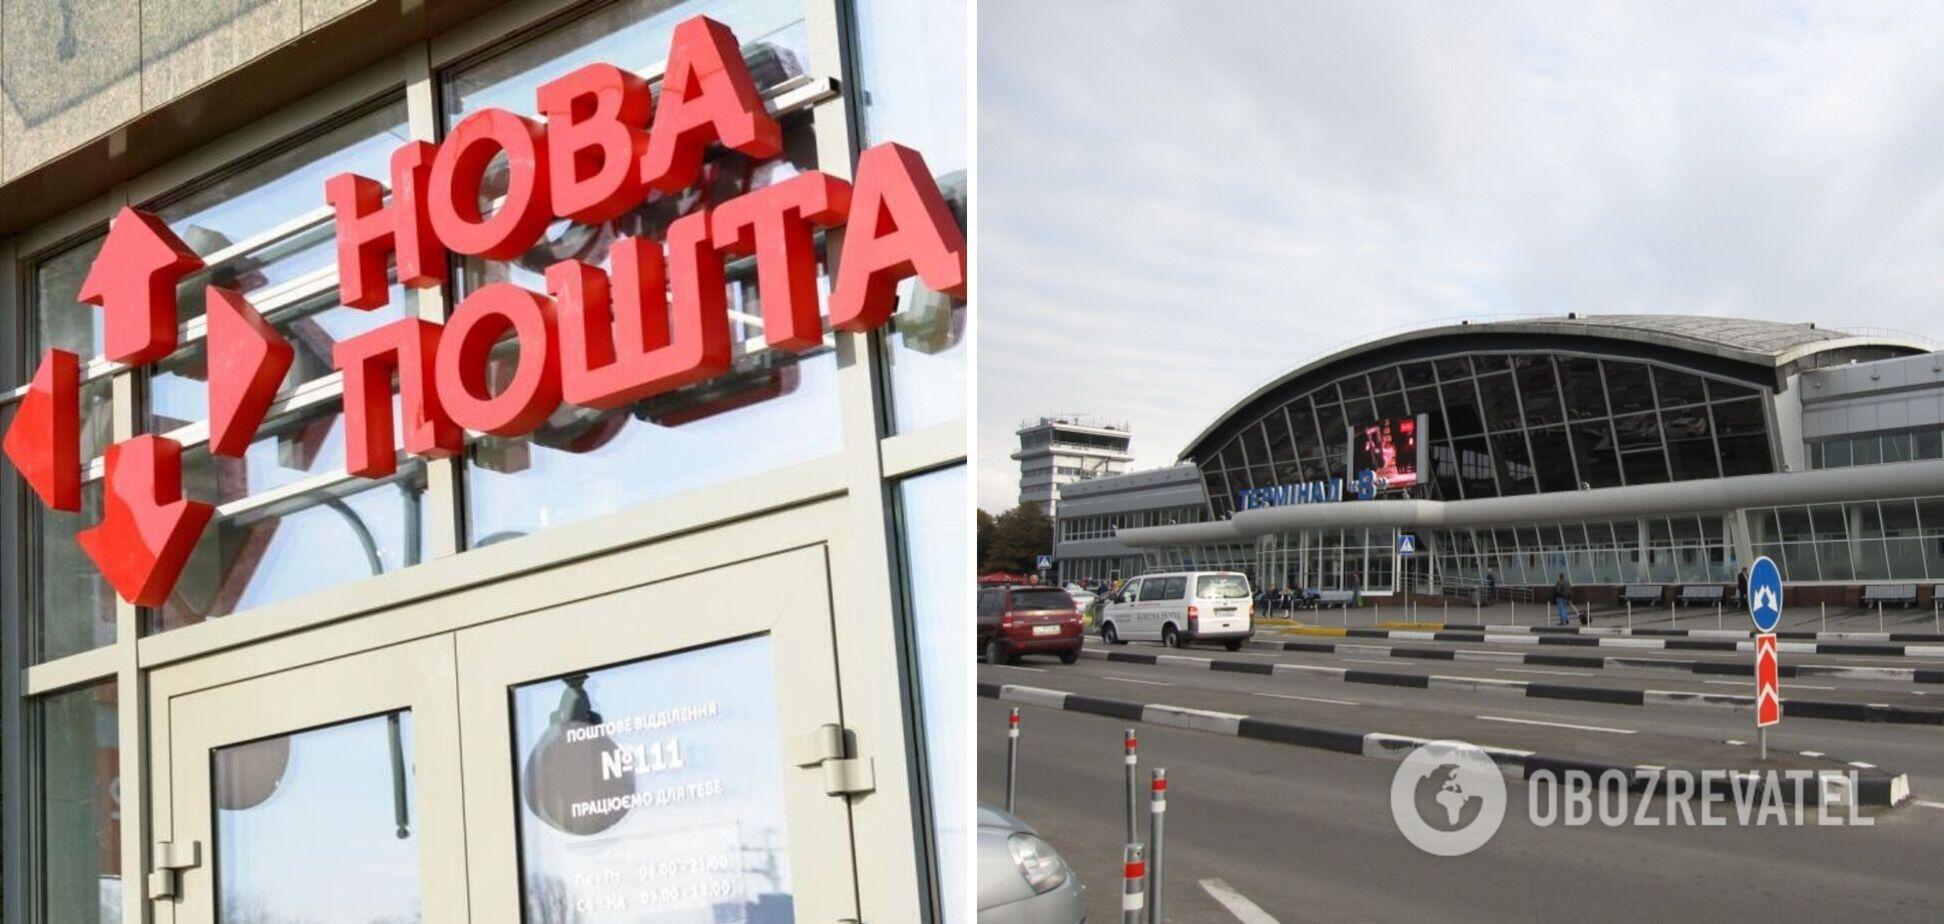 Нова пошта побудує термінал біля аеропорту Бориспіль